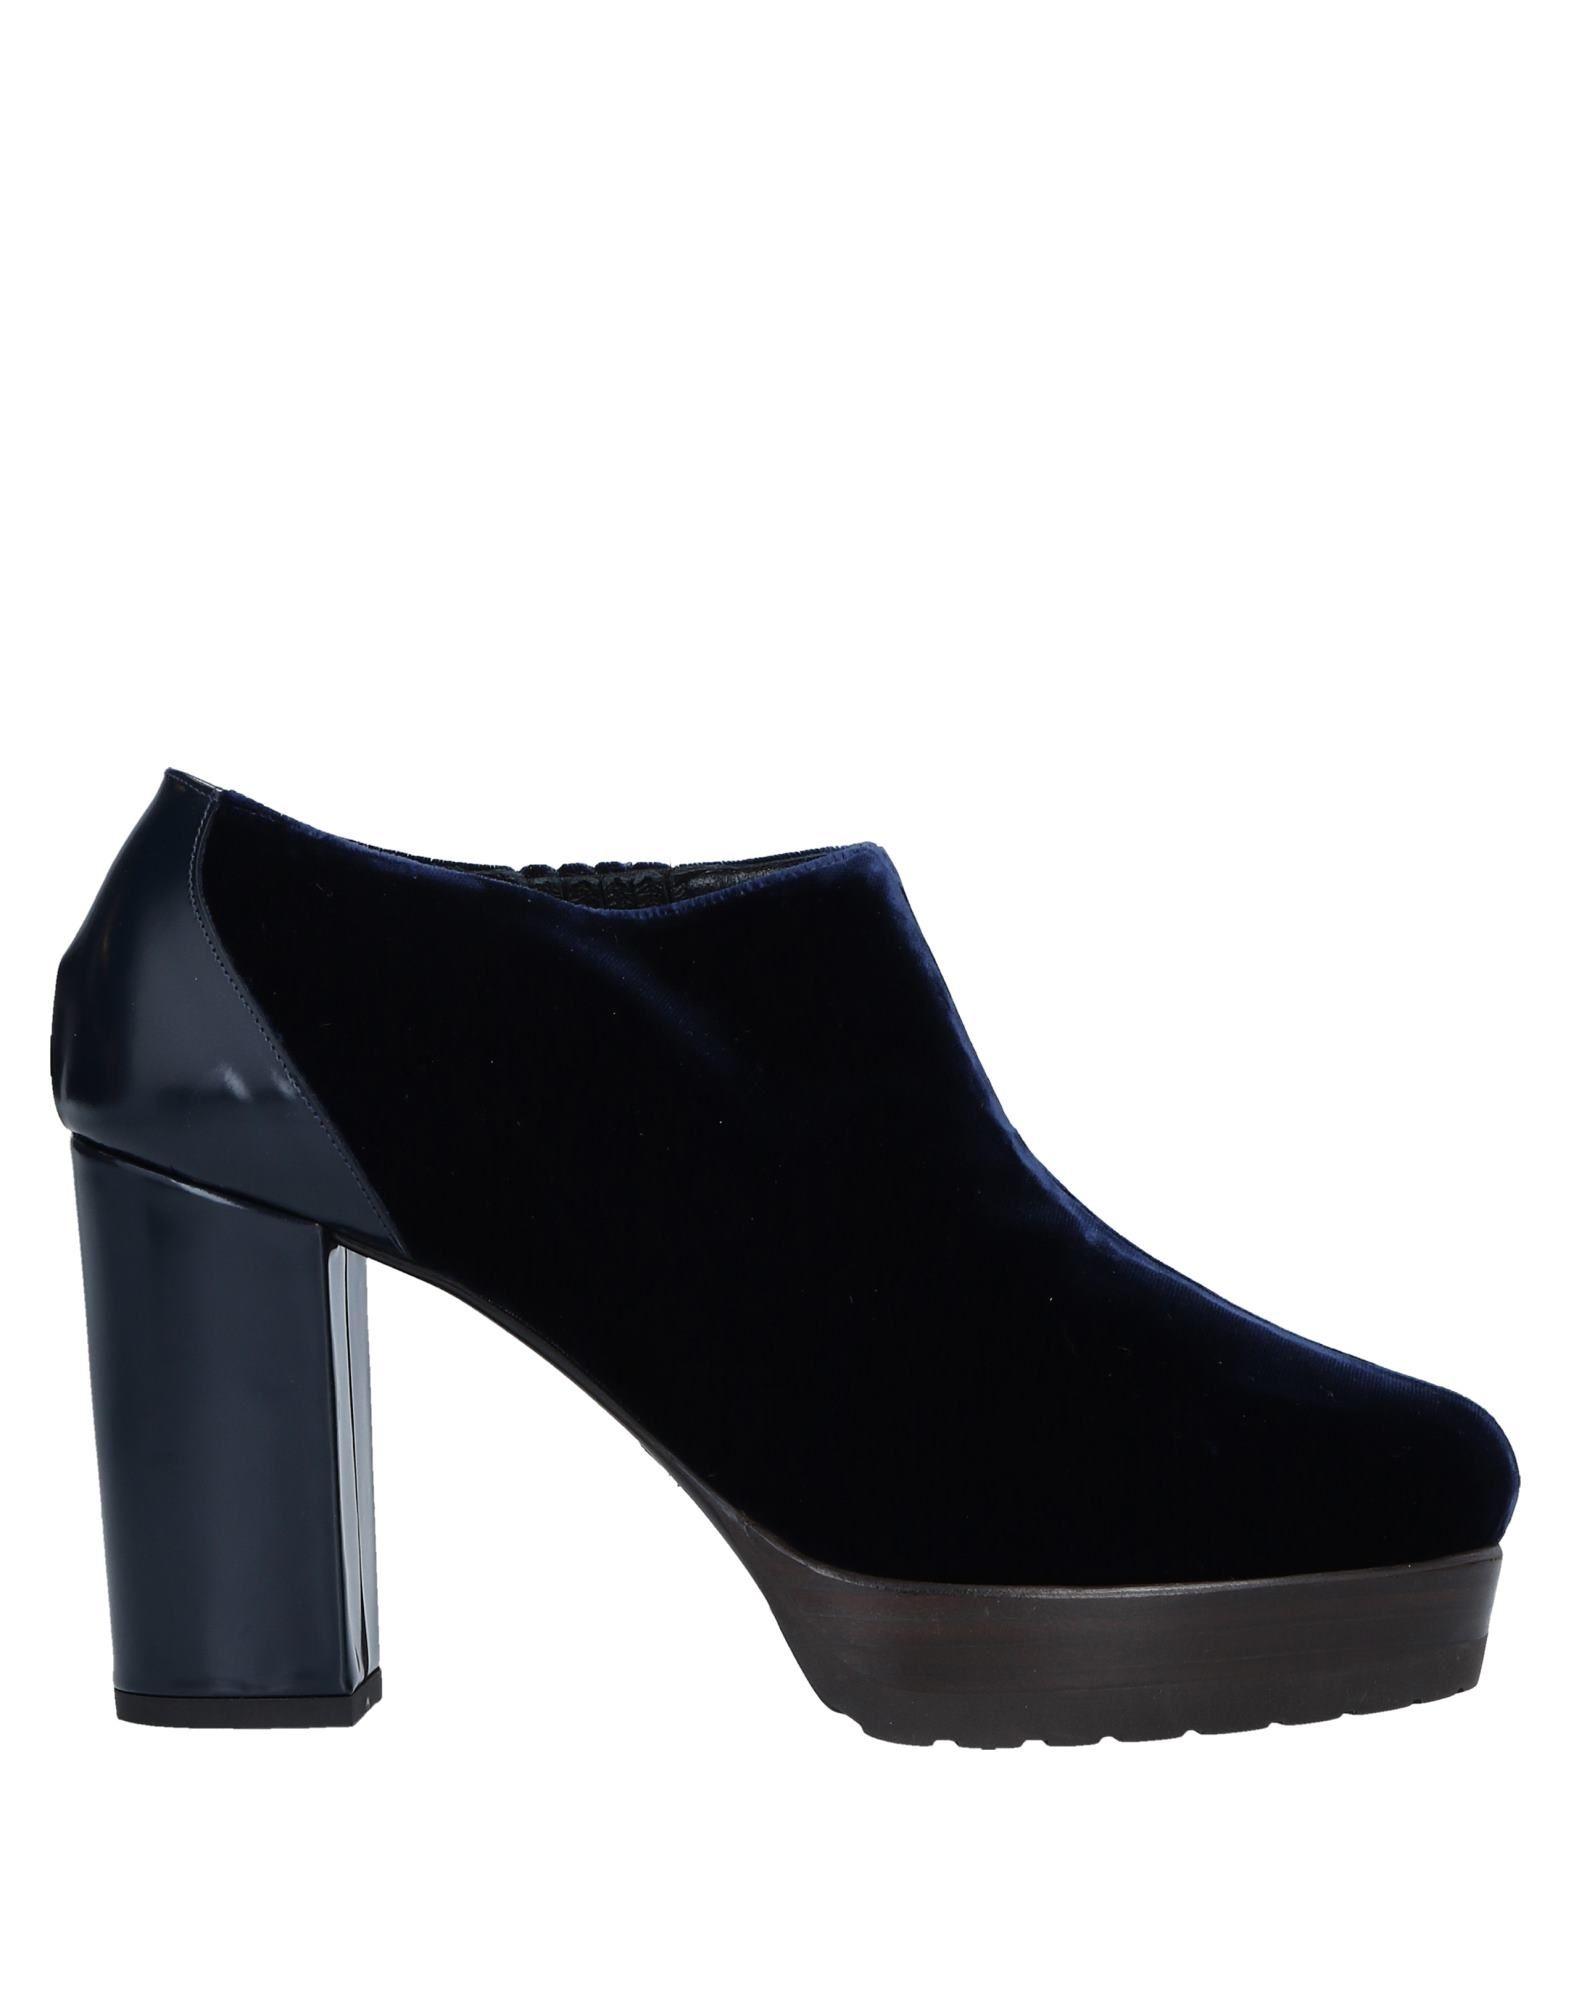 Guido Sgariglia Stiefelette Damen  11538260UF Gute Qualität beliebte Schuhe